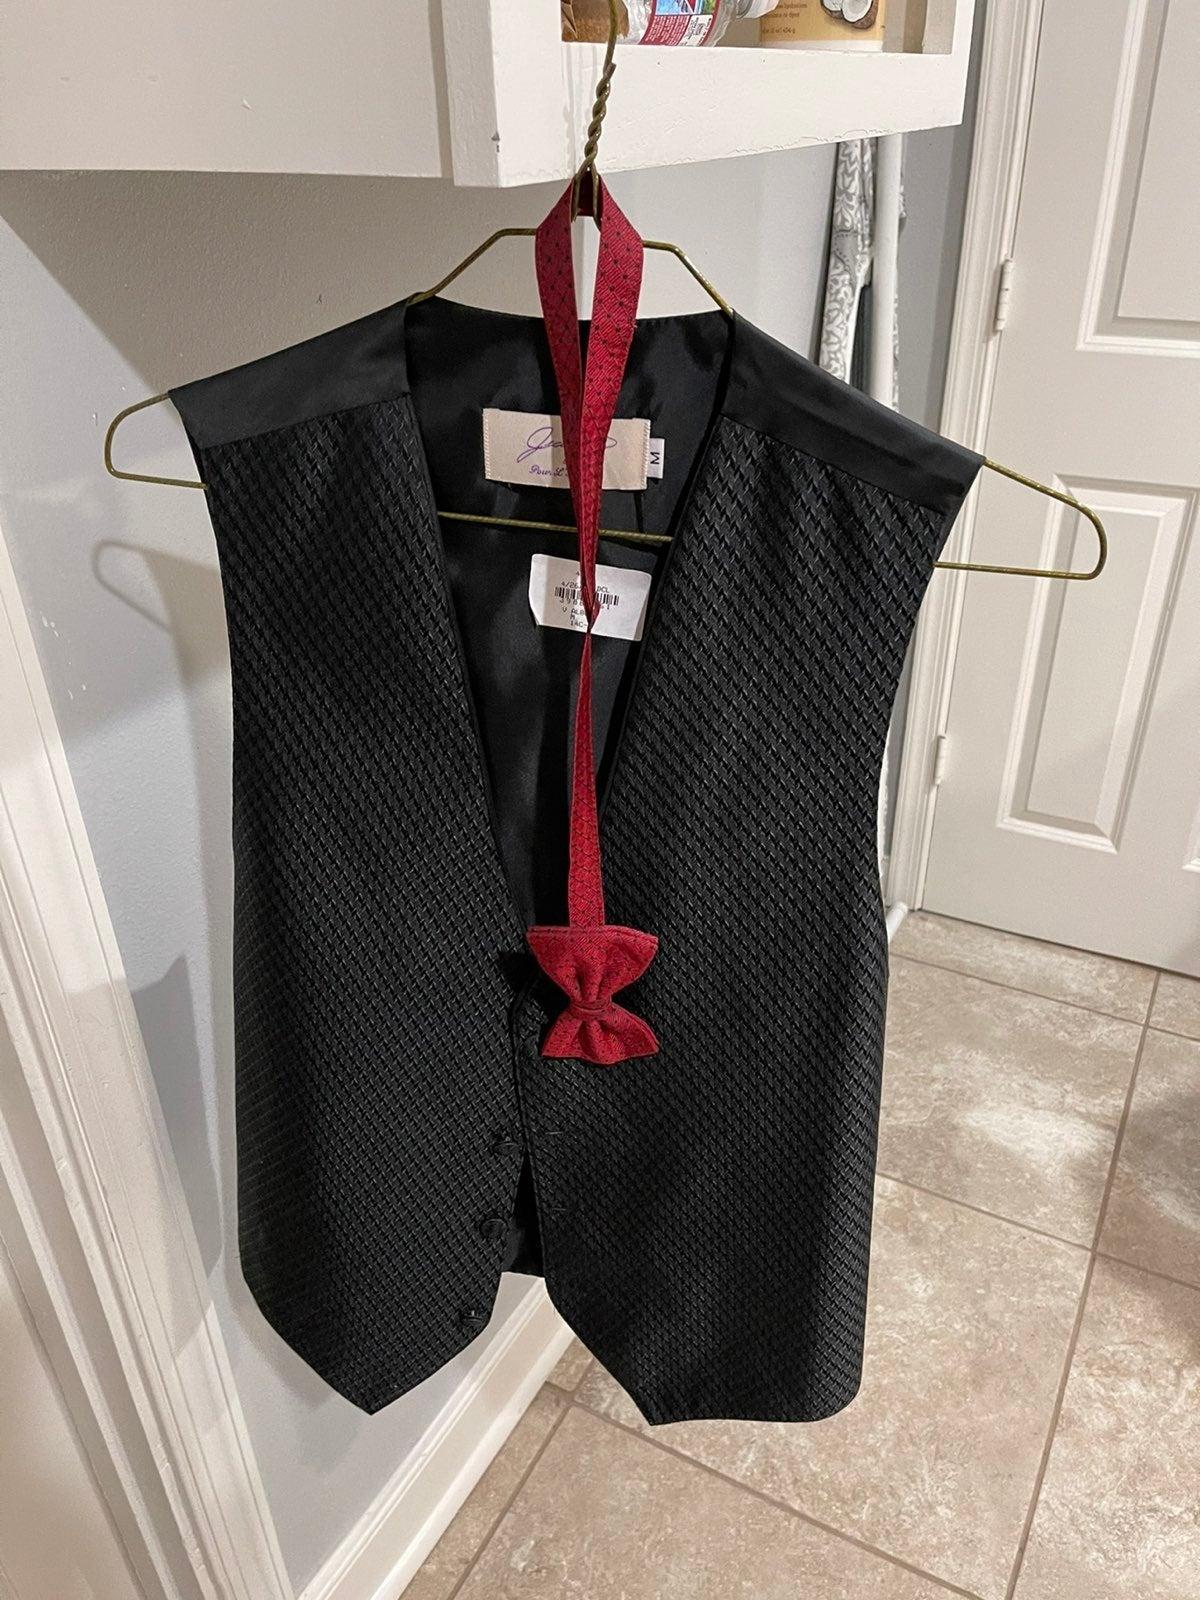 Vest & Bow Tie